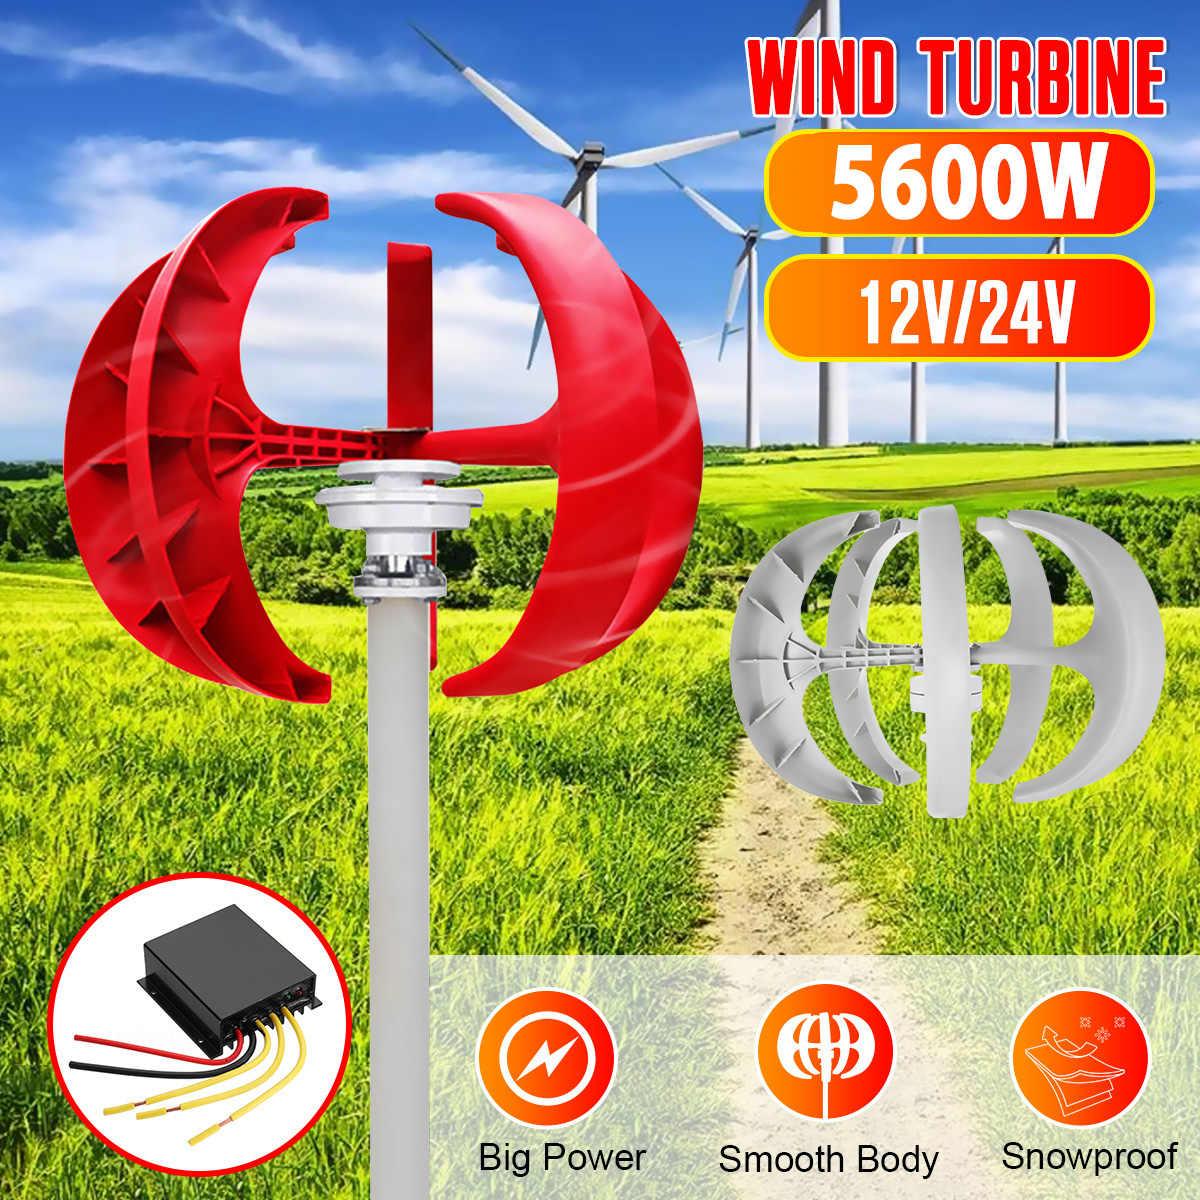 5600W rüzgar rüzgar türbini jeneratör + denetleyici 12V 24V 5 bıçak fener dikey eksenli kalıcı mıknatıs jeneratör ev için sokak lambası